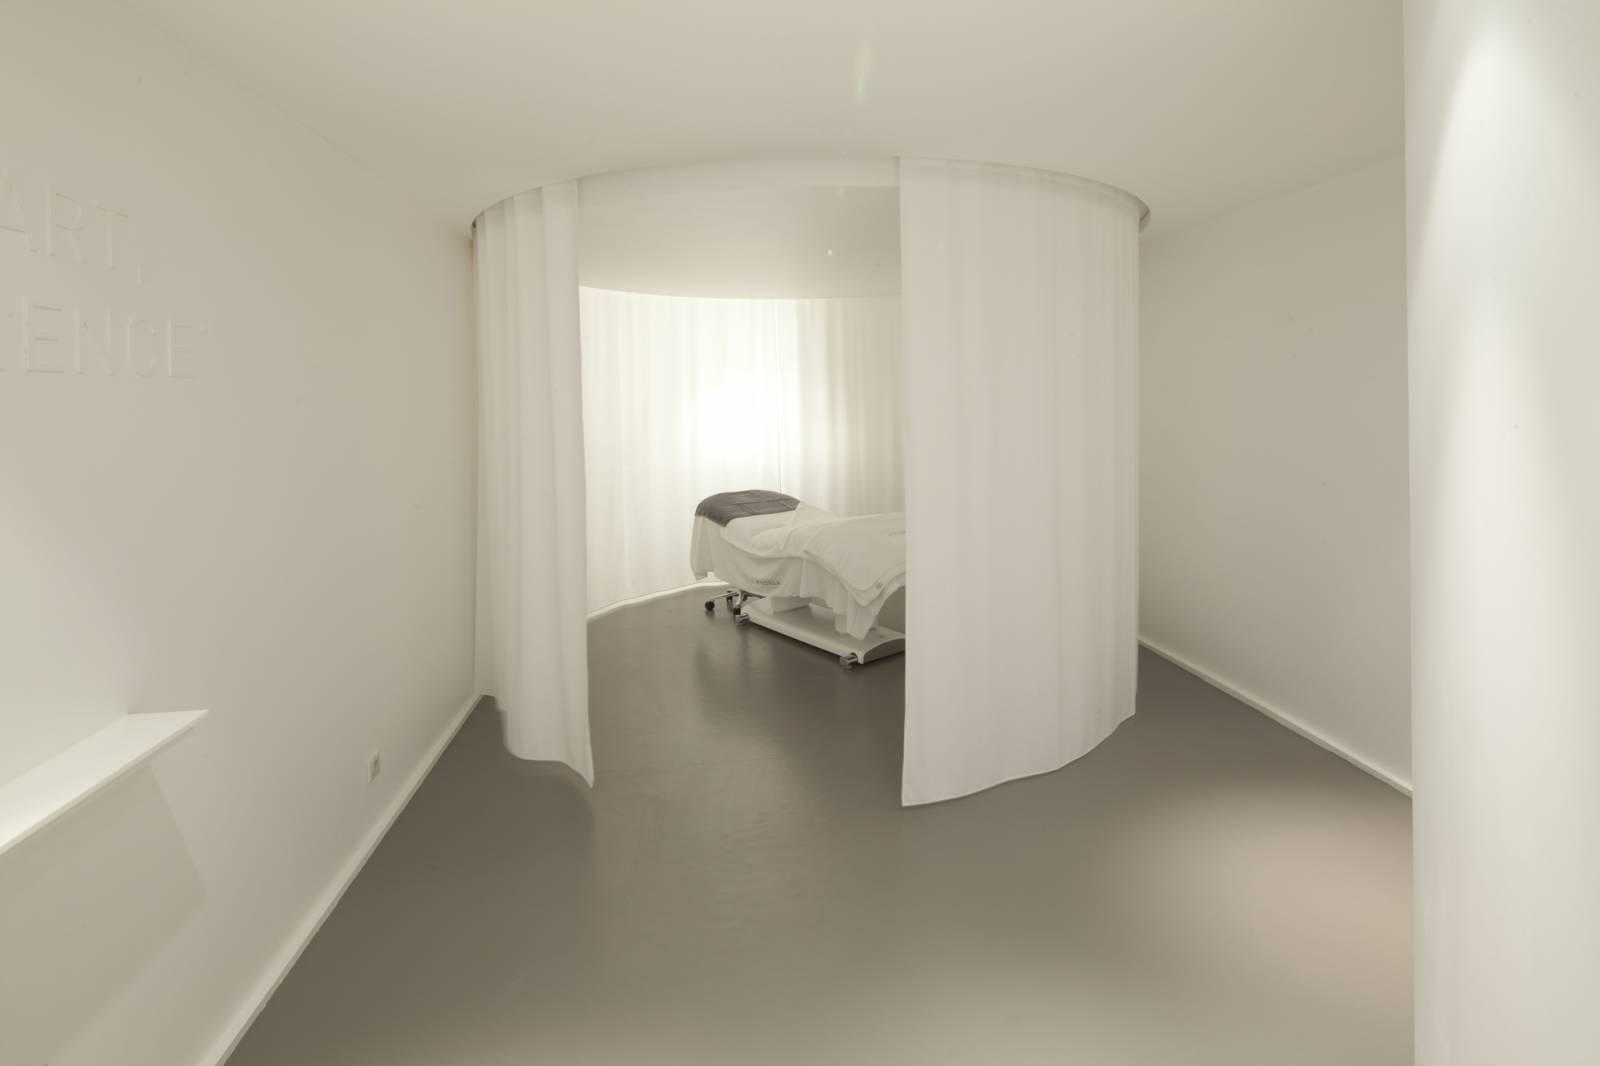 cabine souple pour salle de soins-2